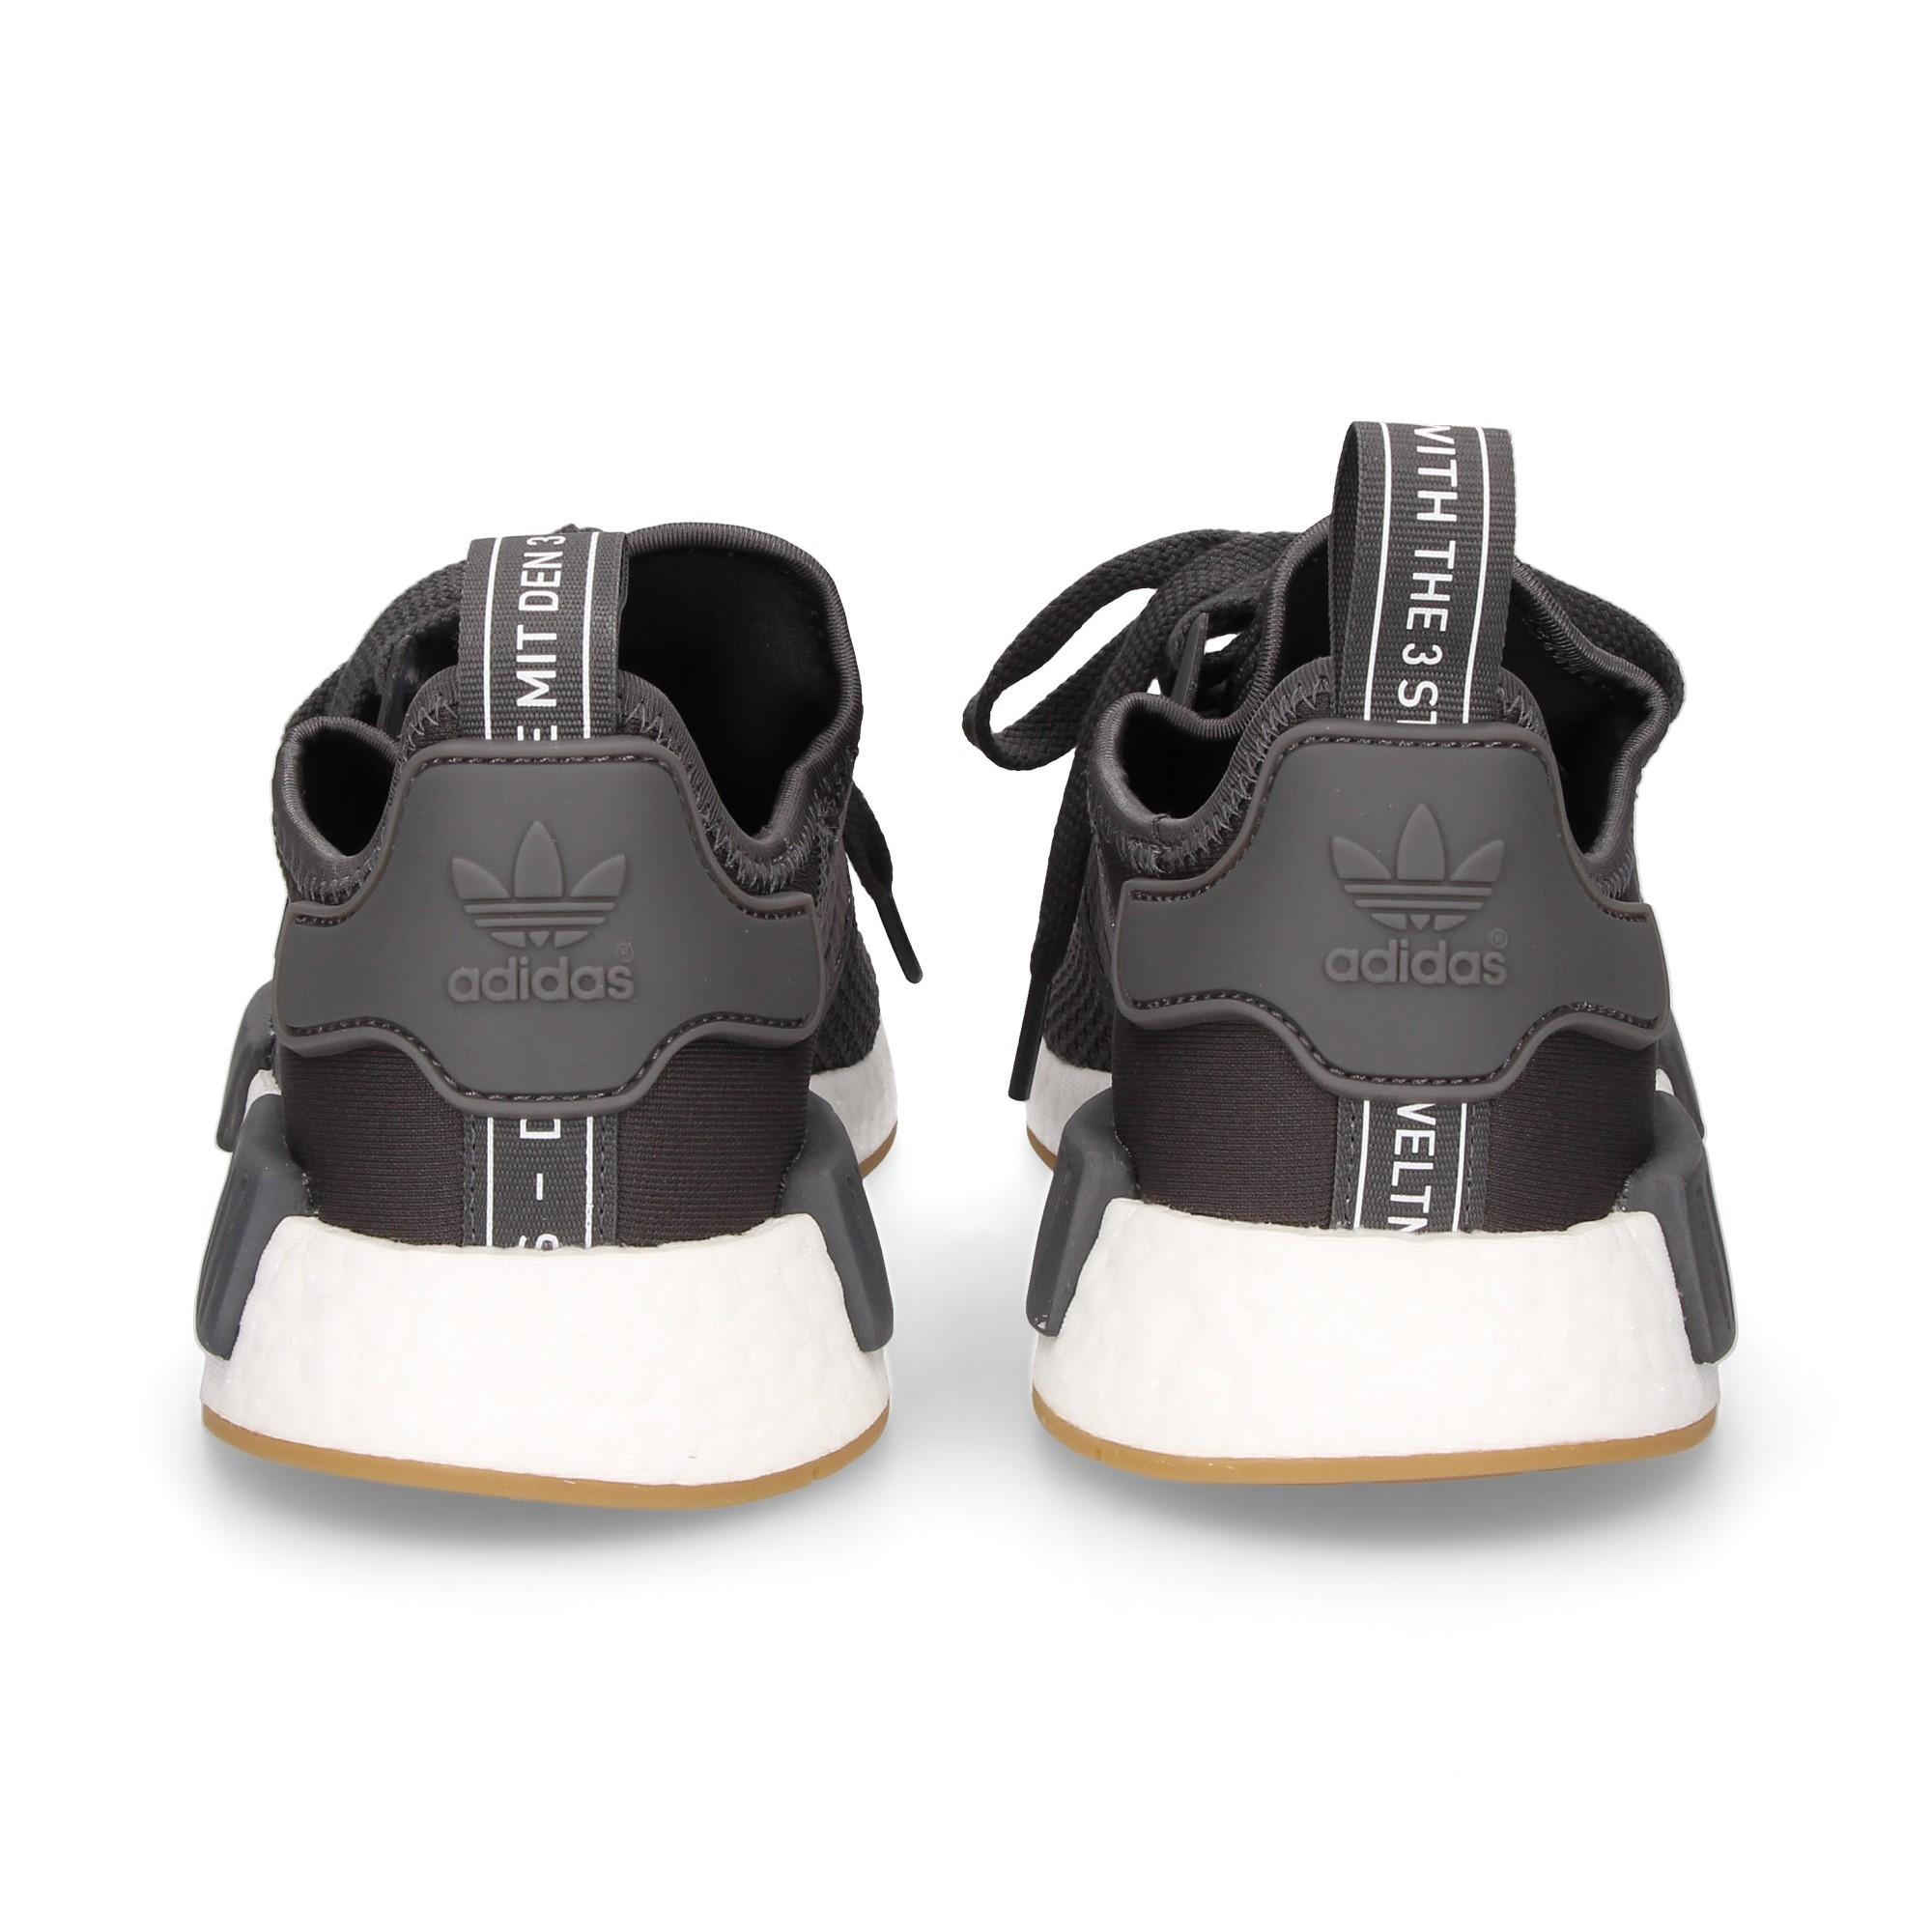 adidas grises hombre zapatillas